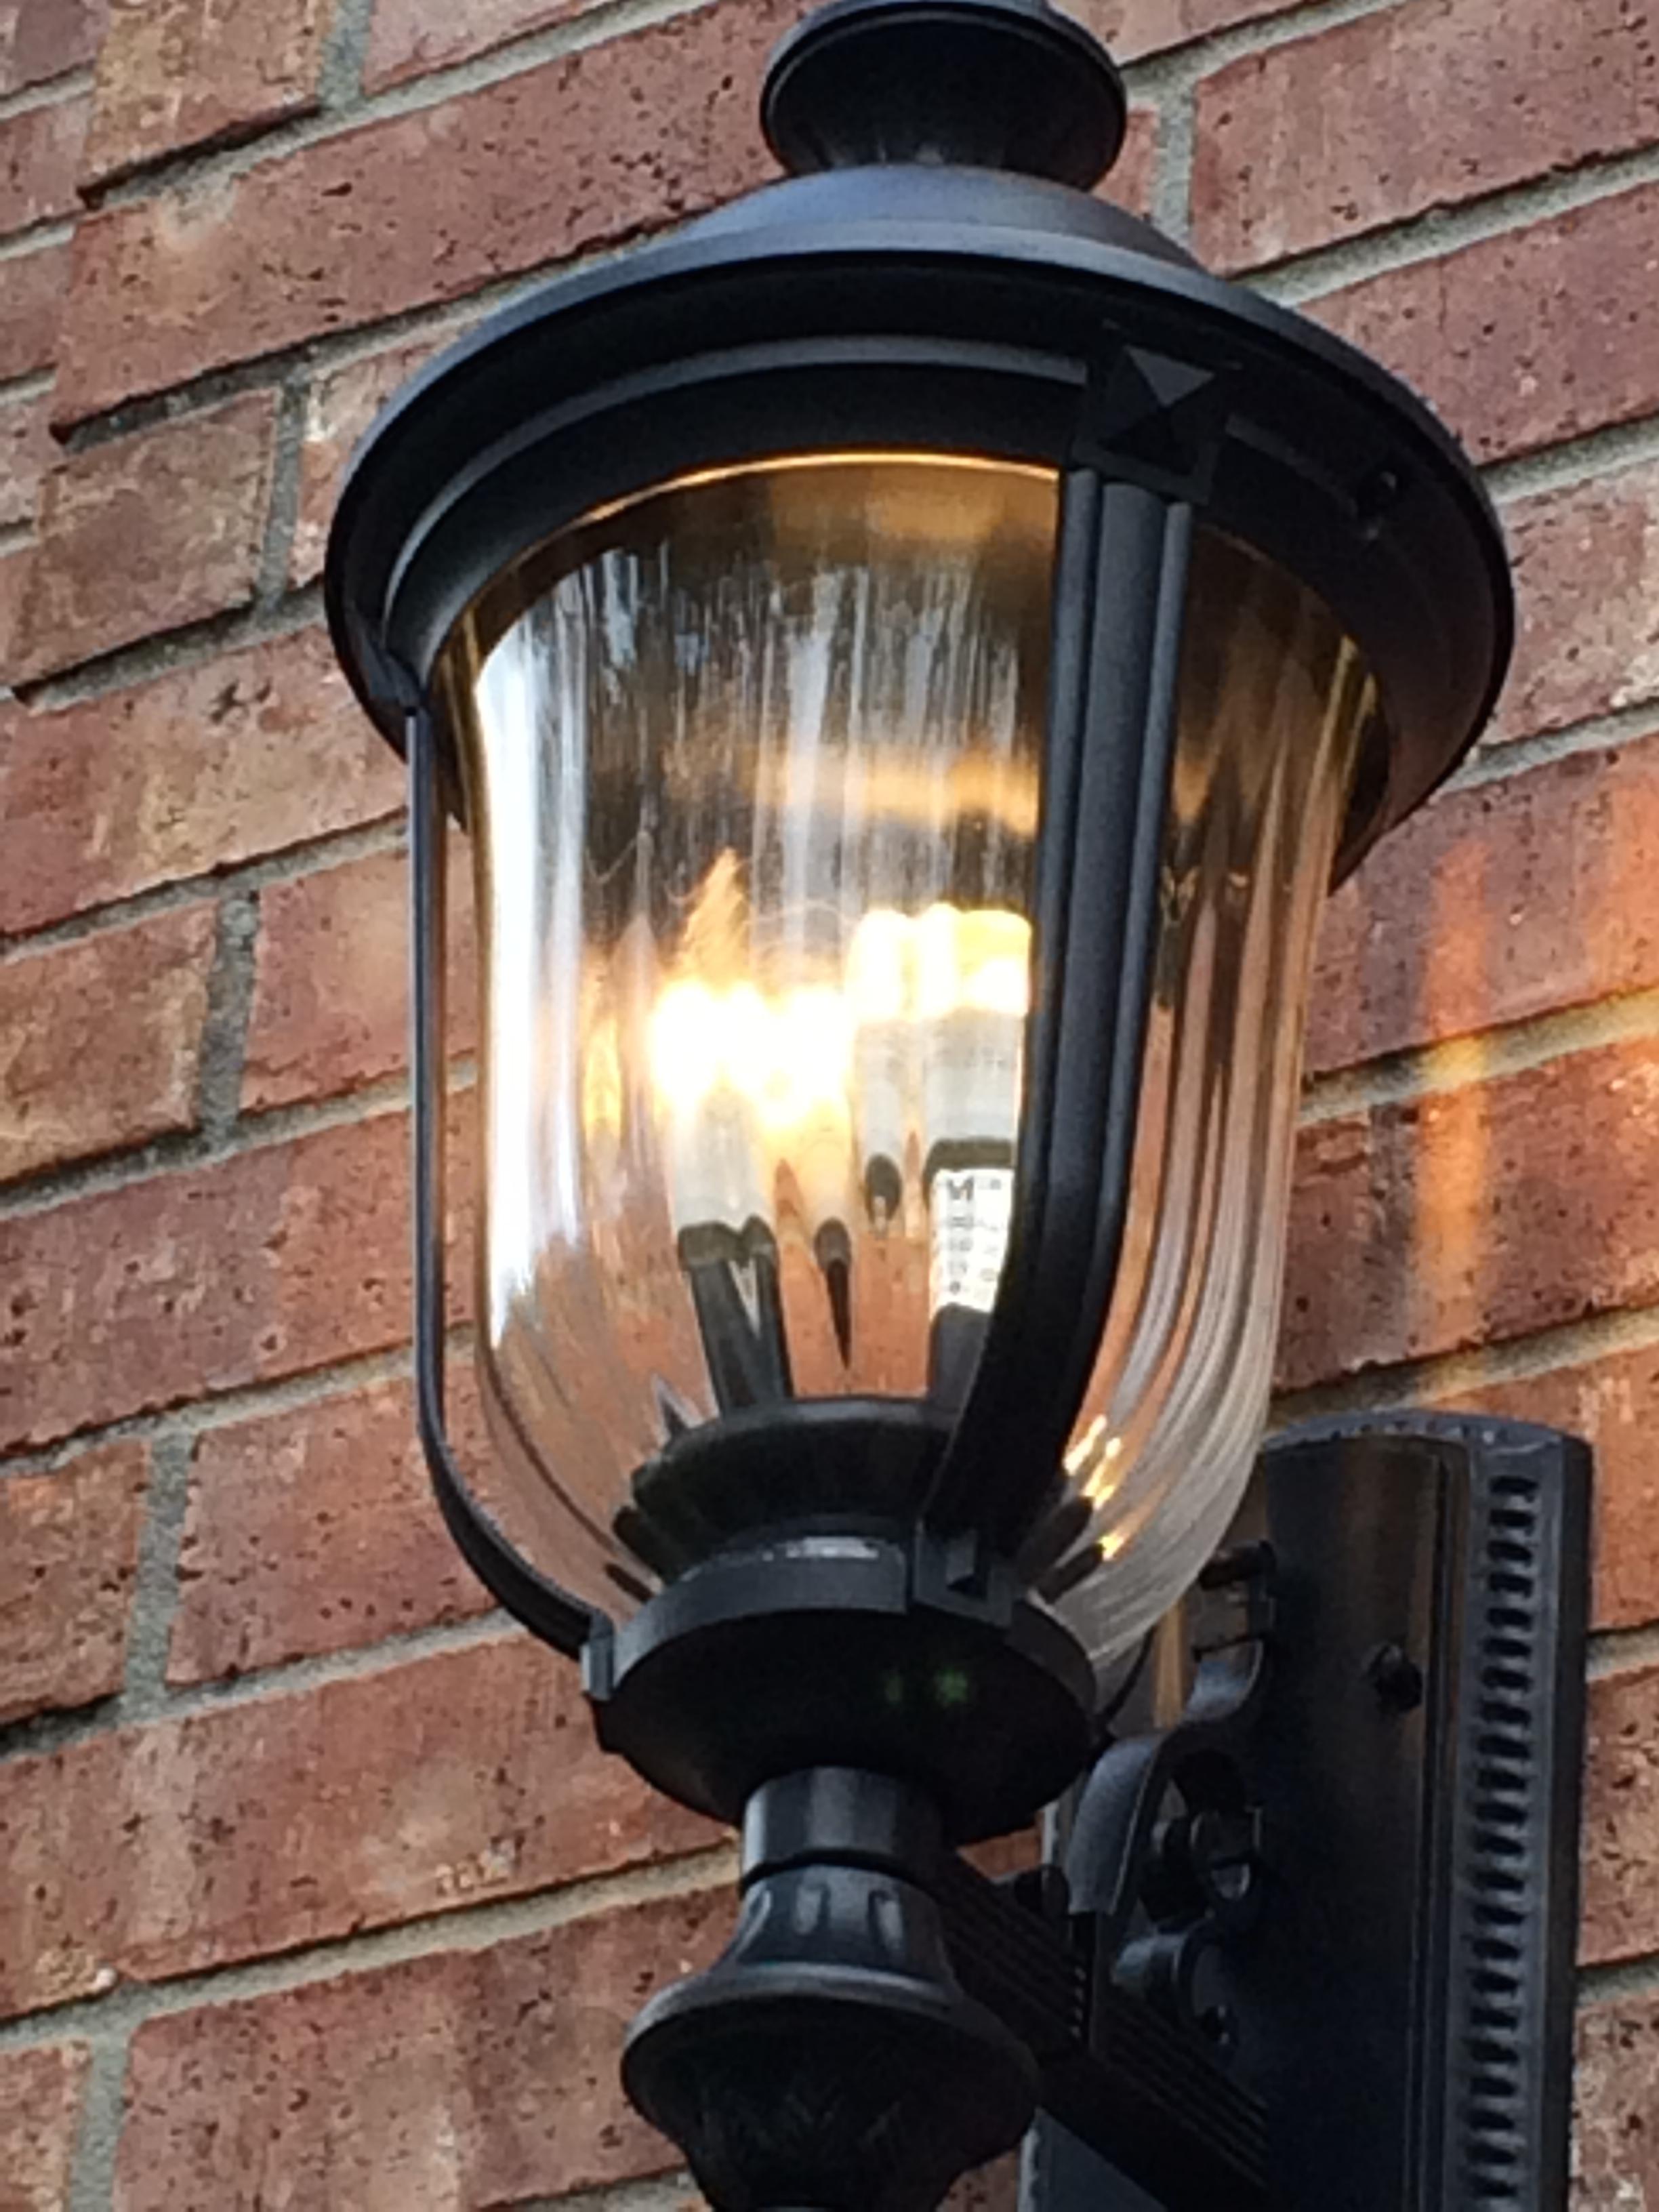 IMG_3342 Iyengar new lighting.jpg